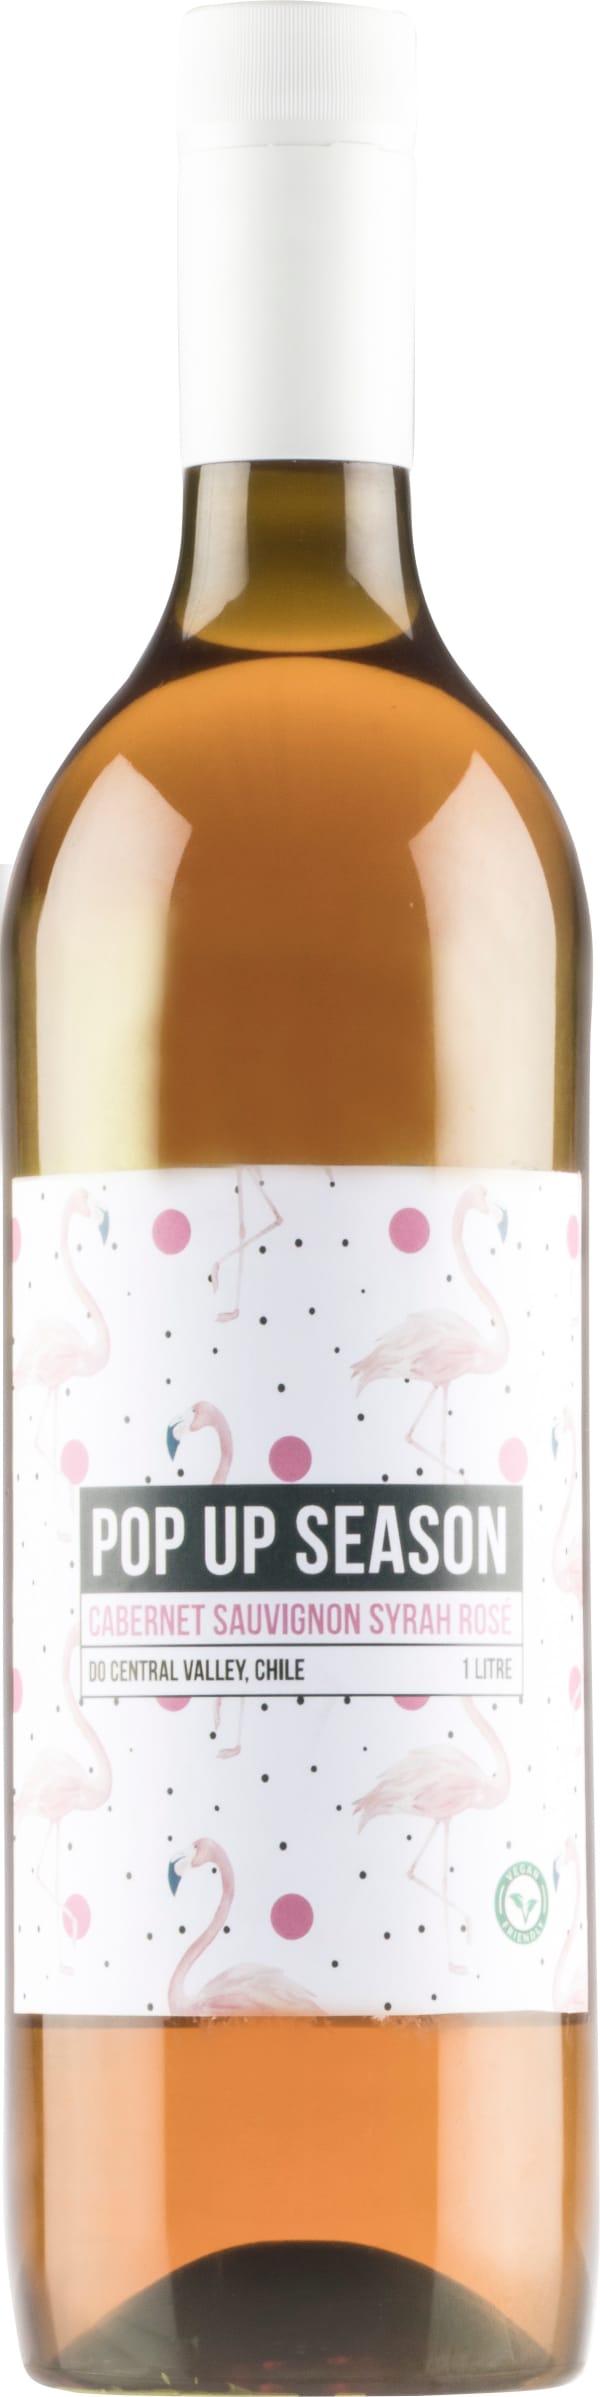 Pop Up Season Cabernet Sauvignon Syrah Rosé  2019 plastic bottle